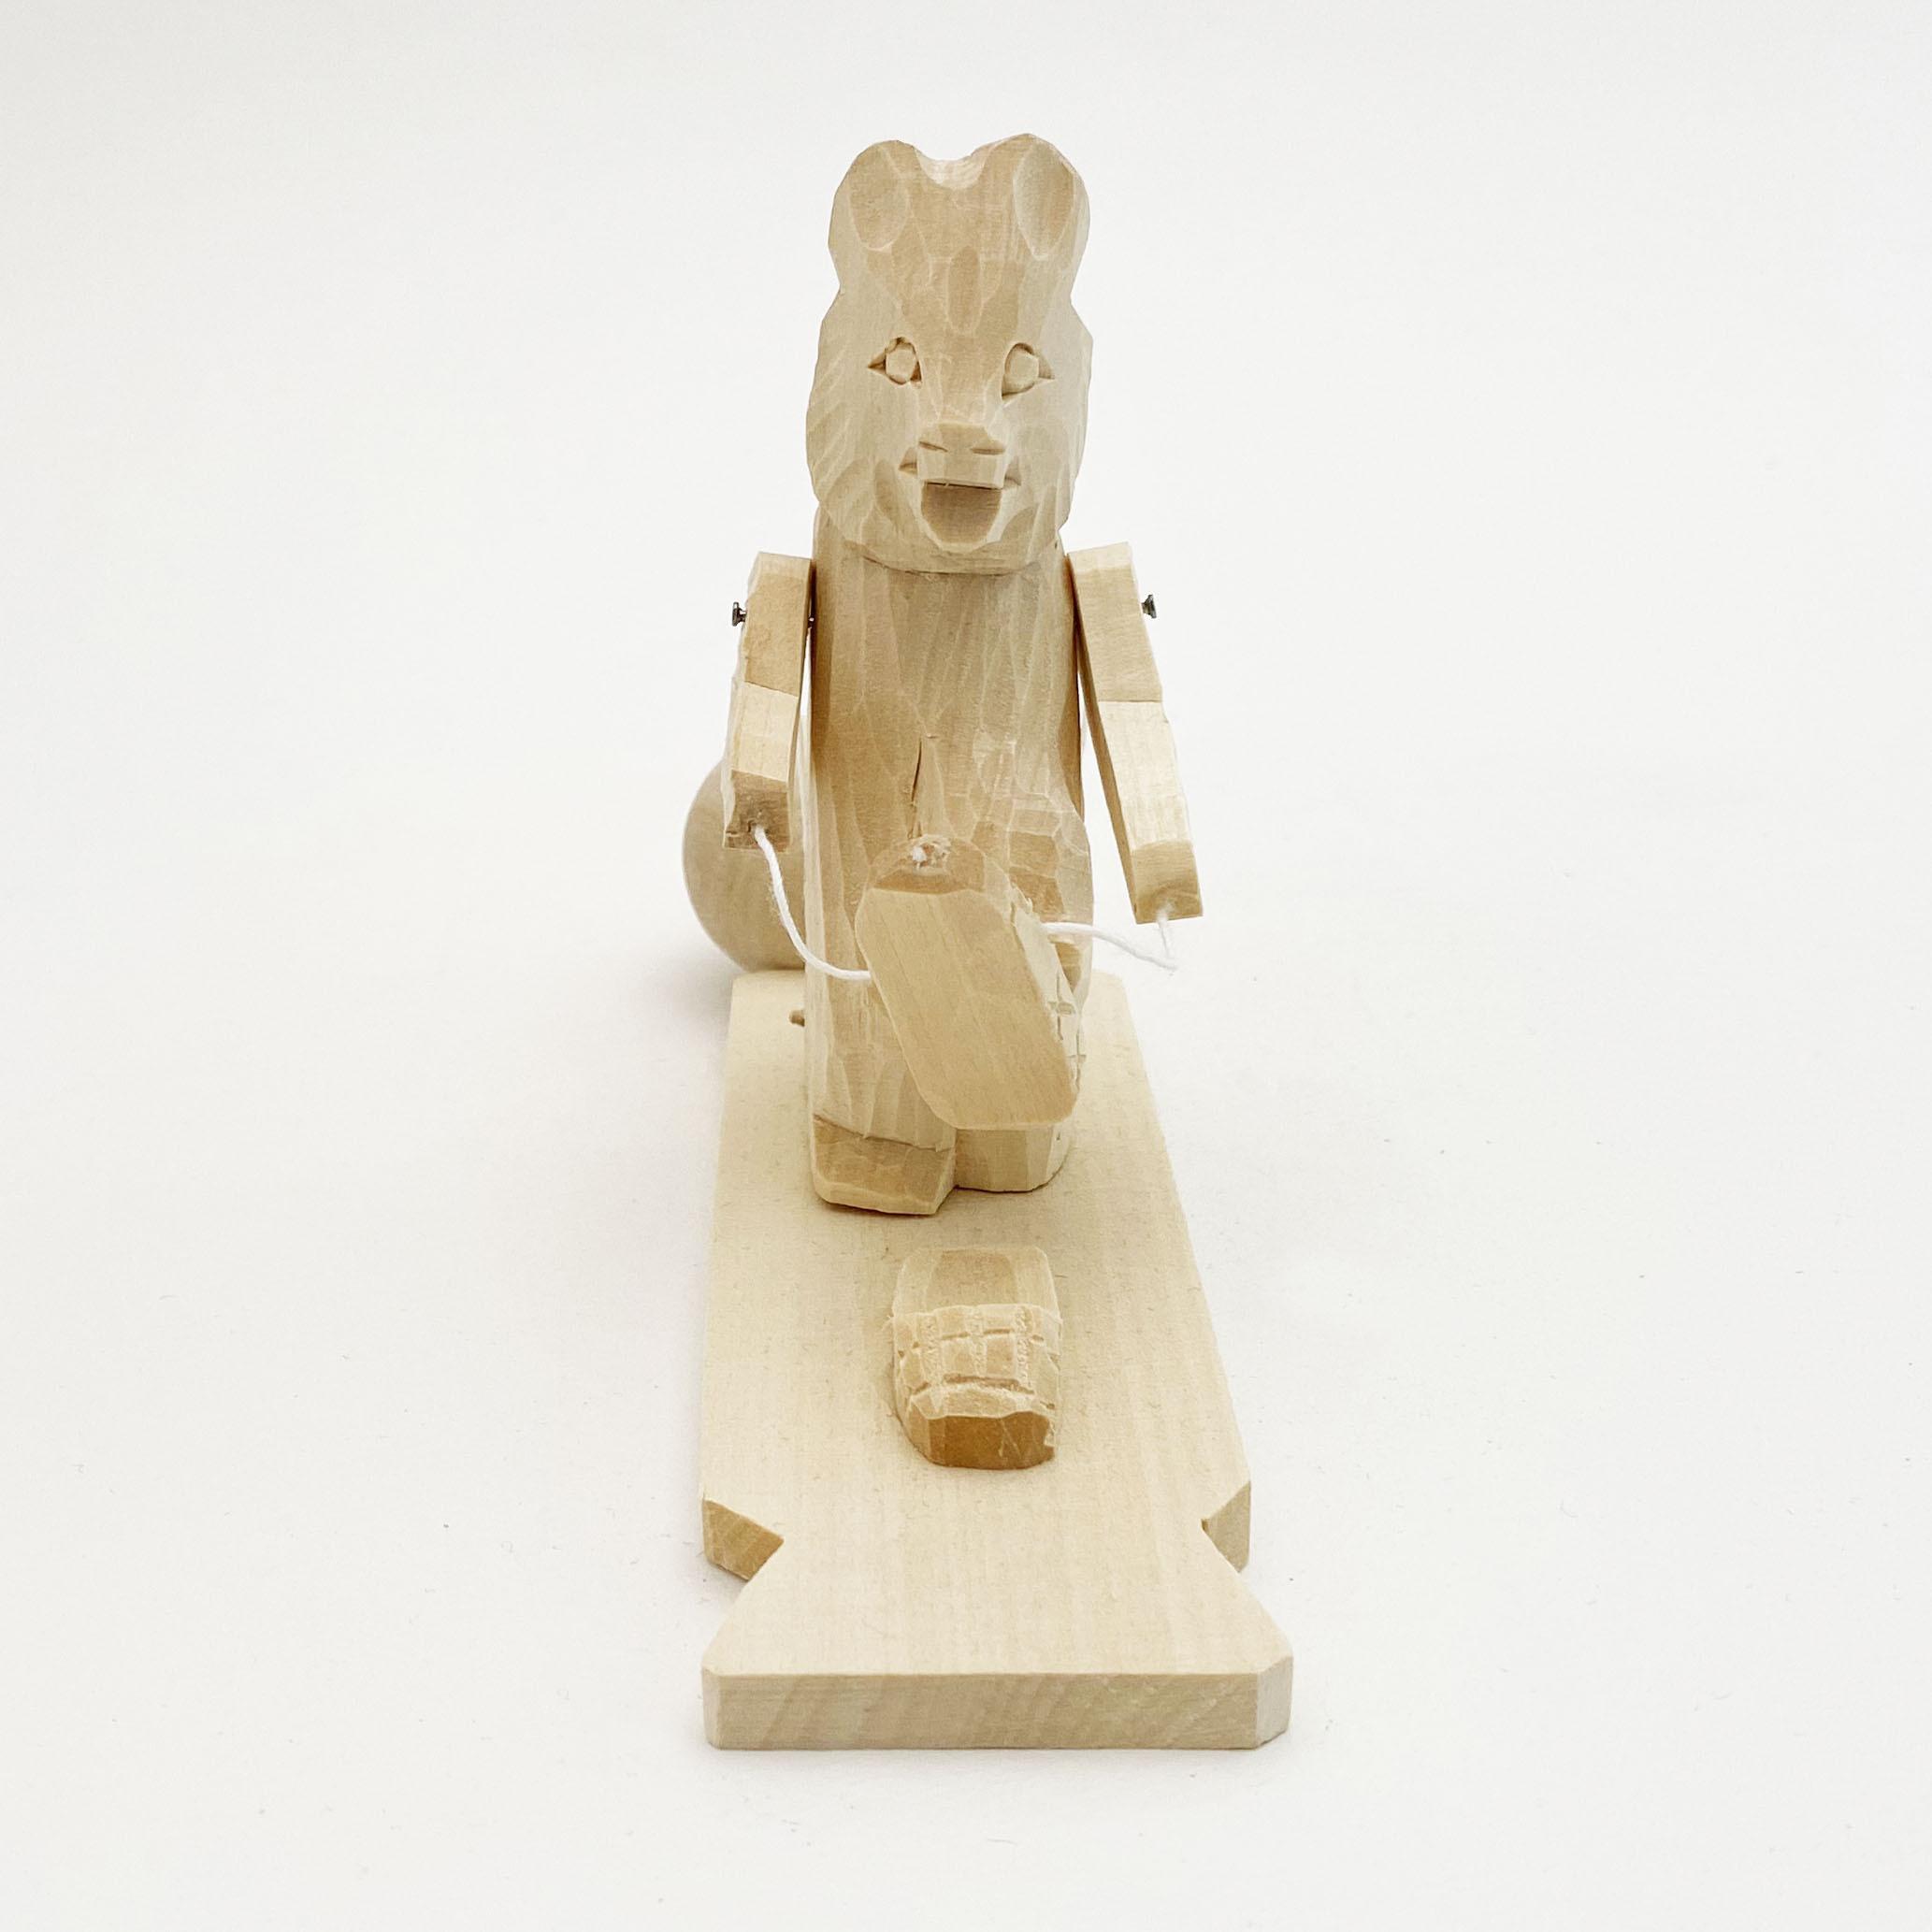 ボゴロツコエ木地玩具「靴を履くクマ」